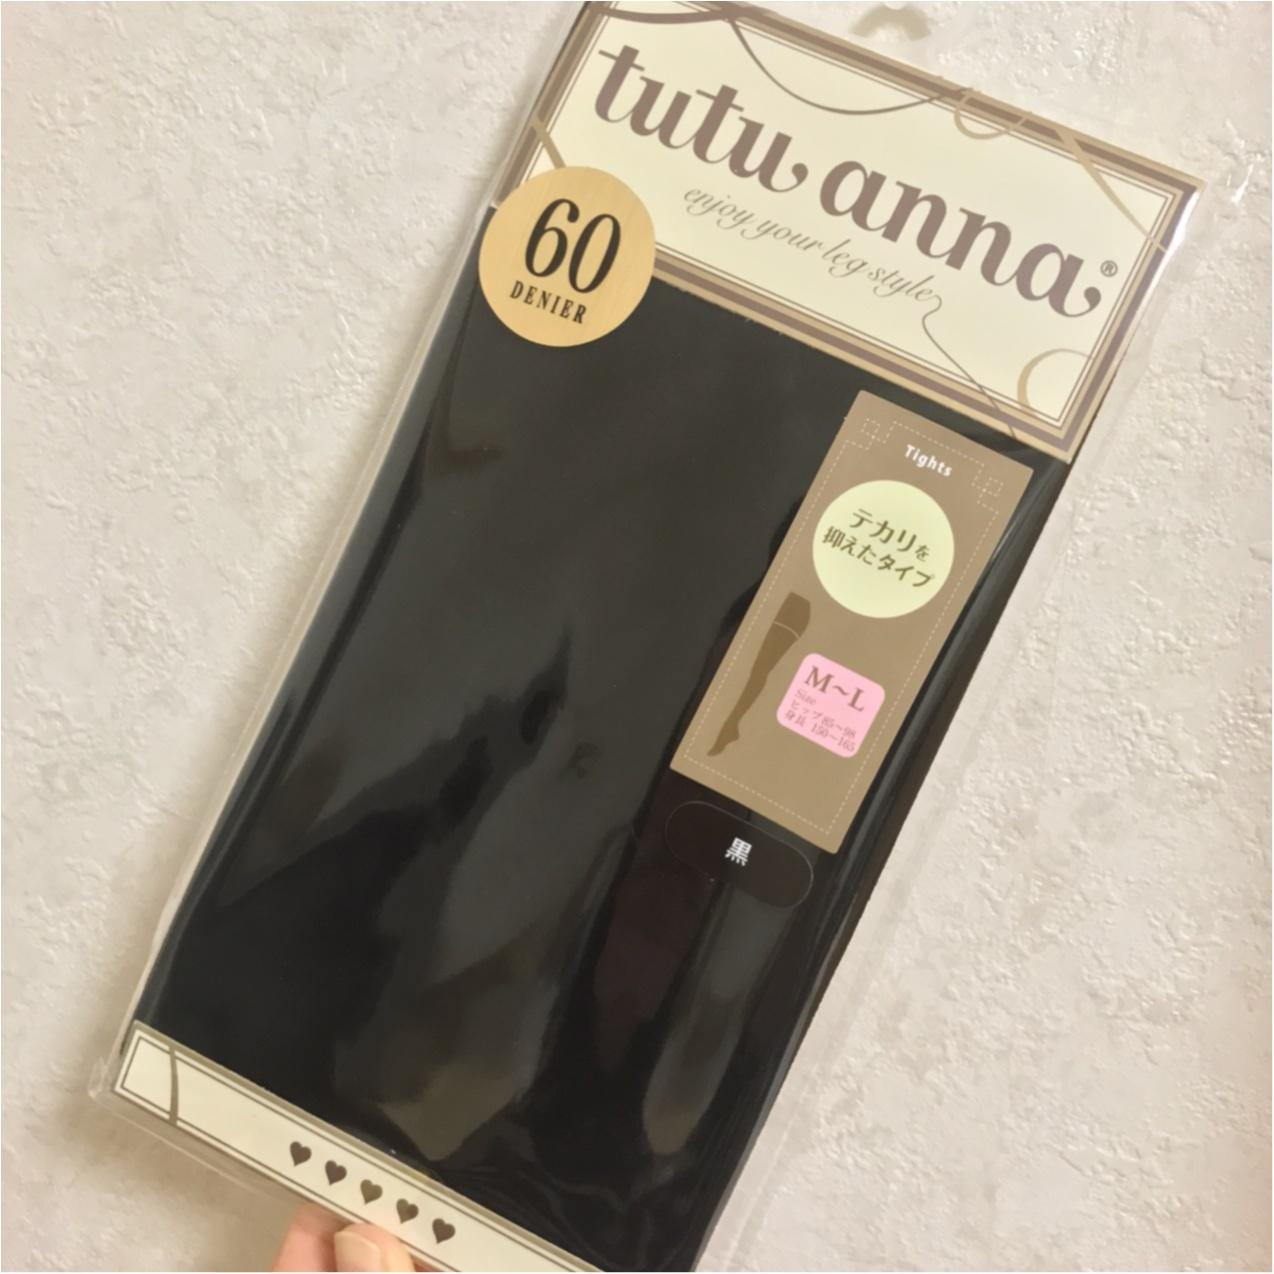 【MORE12月号掲載】tutuannaのソックス・タイツがコスパ良すぎ!♡_2